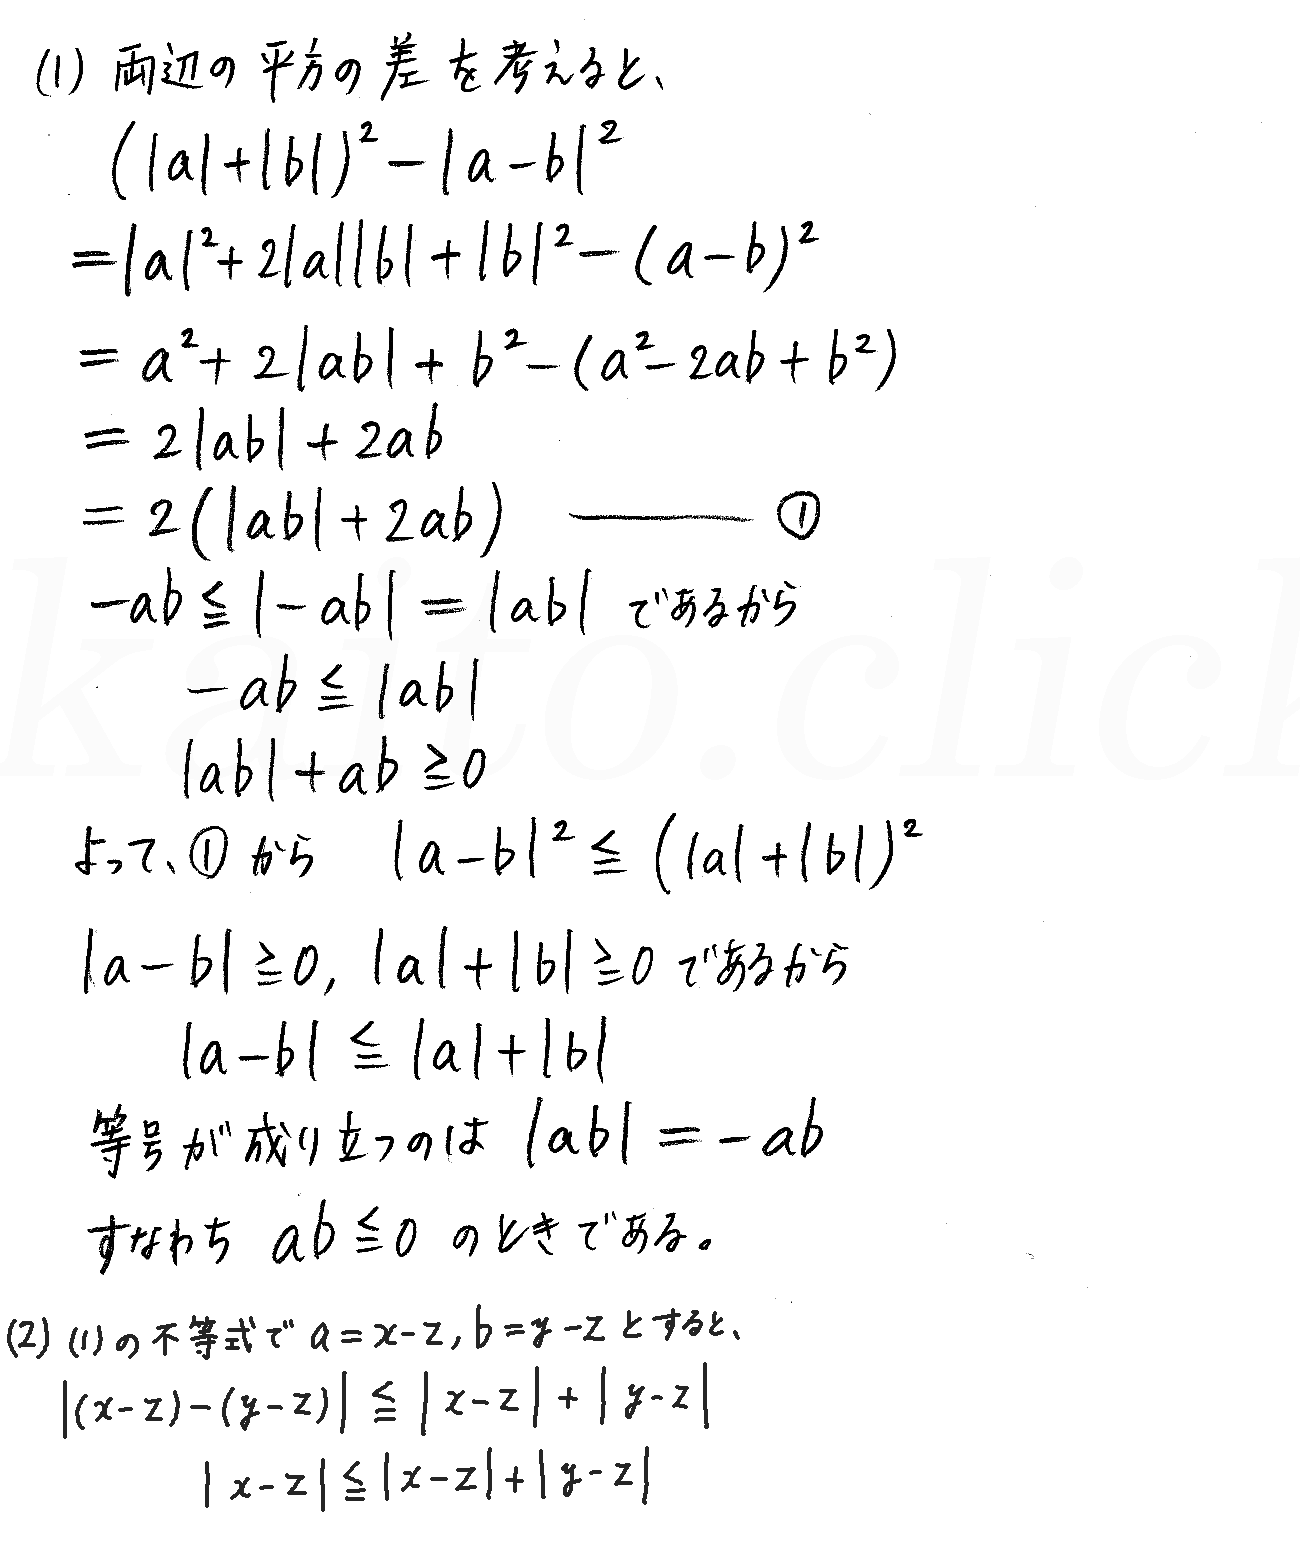 クリアー数学2-63解答